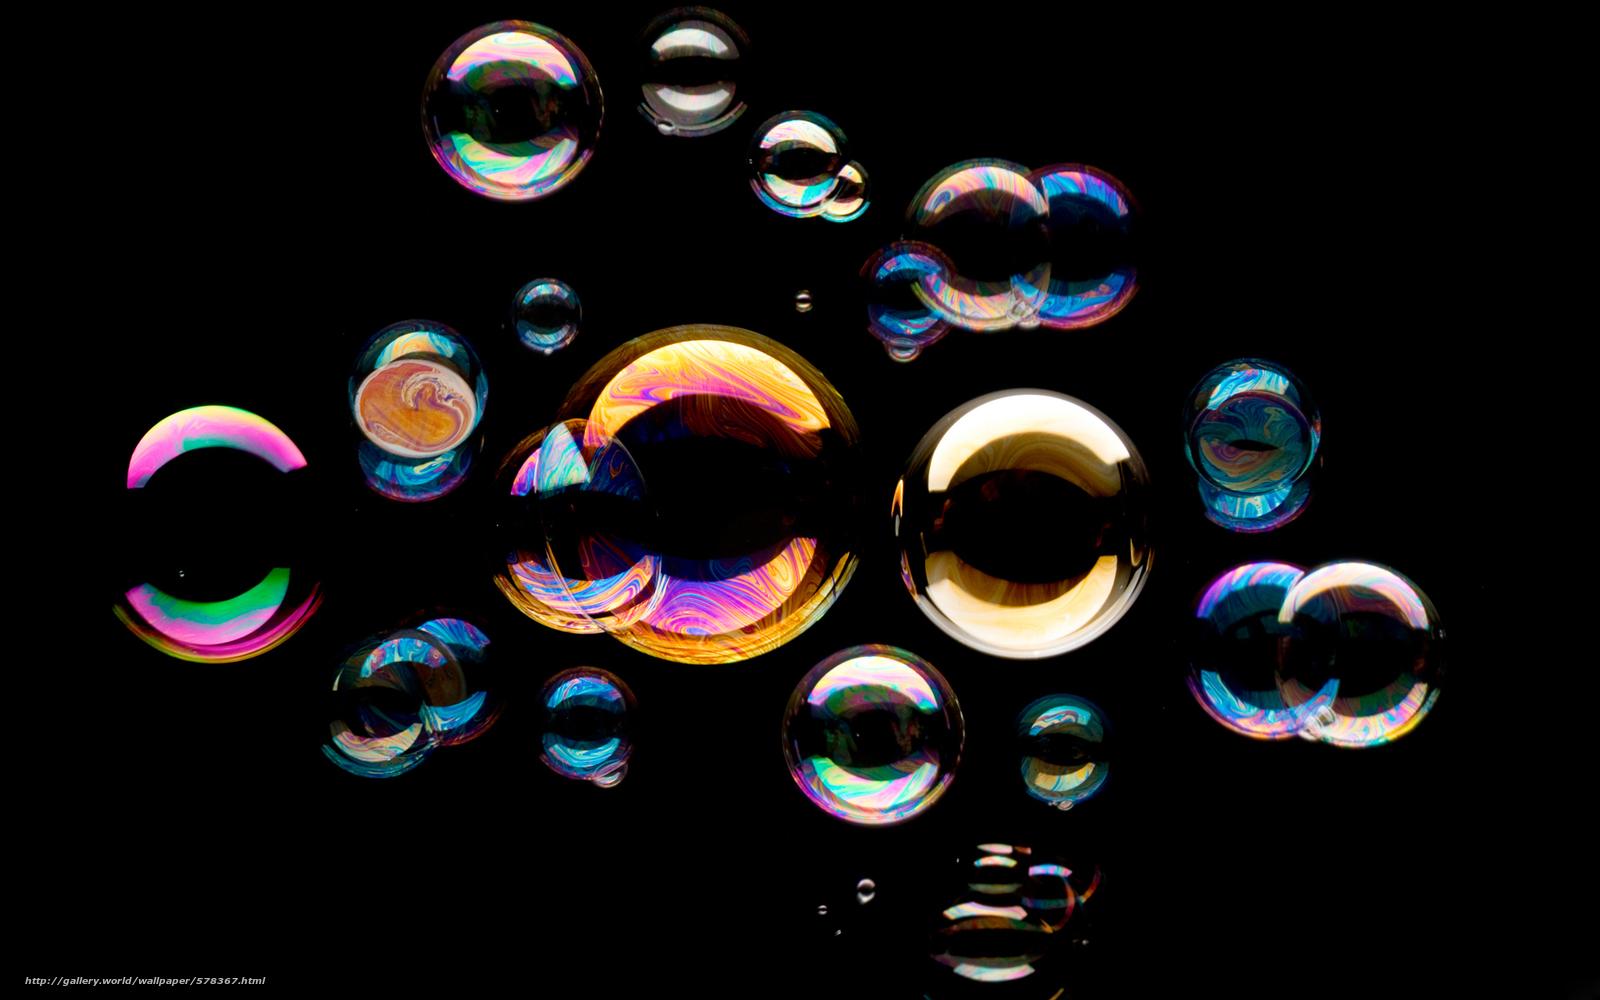 Tlcharger Fond d'ecran fond,  souffleur de bulles de savon,  noir Fonds d'ecran gratuits pour votre rsolution du bureau 1920x1200 — image №578367